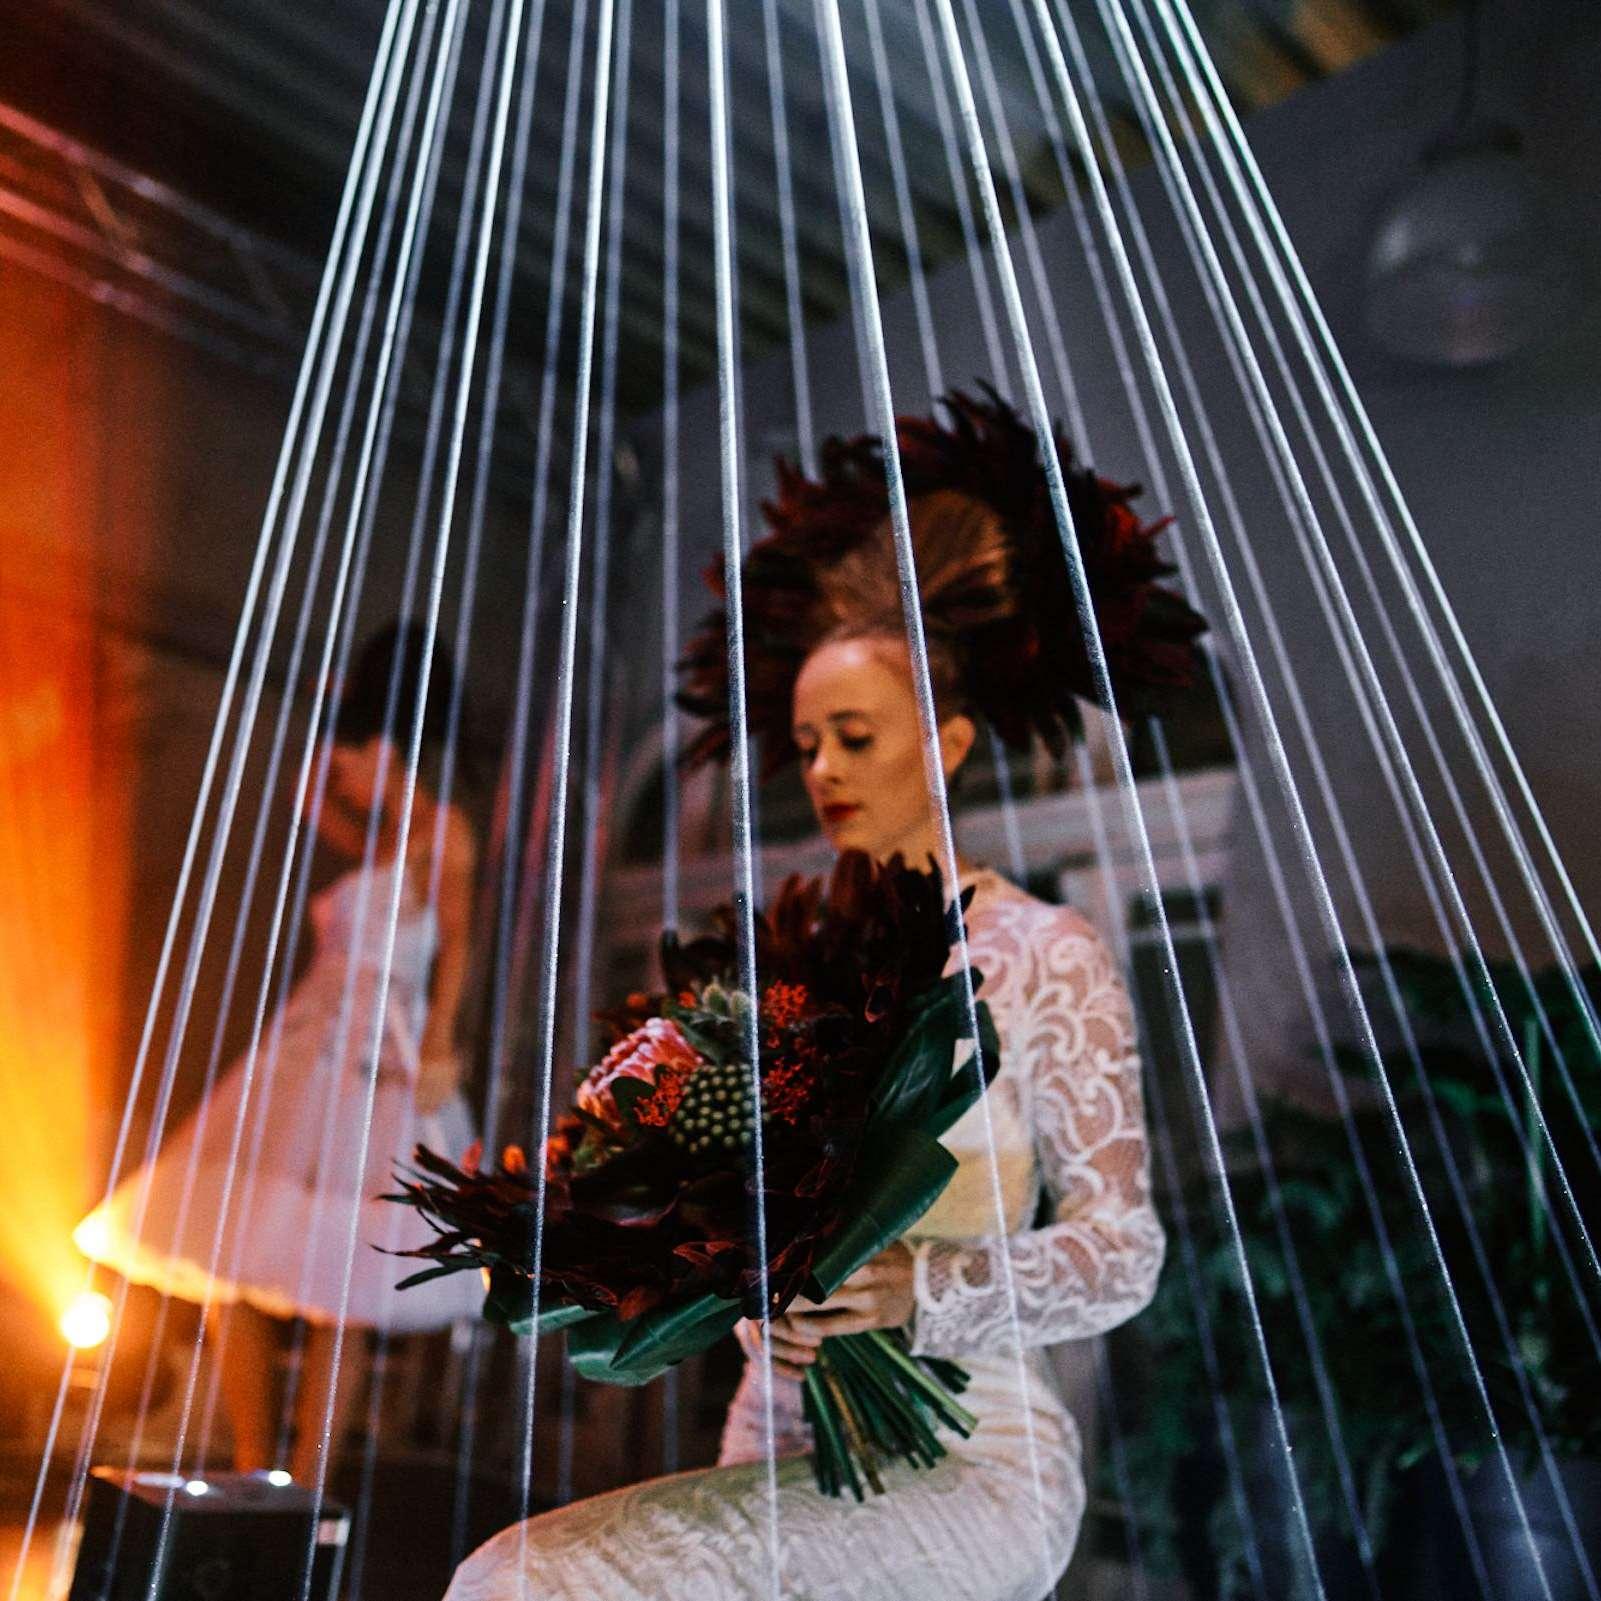 Lasershow |Hochzeit |Event |Laser |Lichtshow |Outdoor |Beamshow |Lichttechnik |Indoor |Lightshow Bühnenshow |Präsentation |Business |Anfragen |Buchen |Mieten |Lehmann |Eventservice